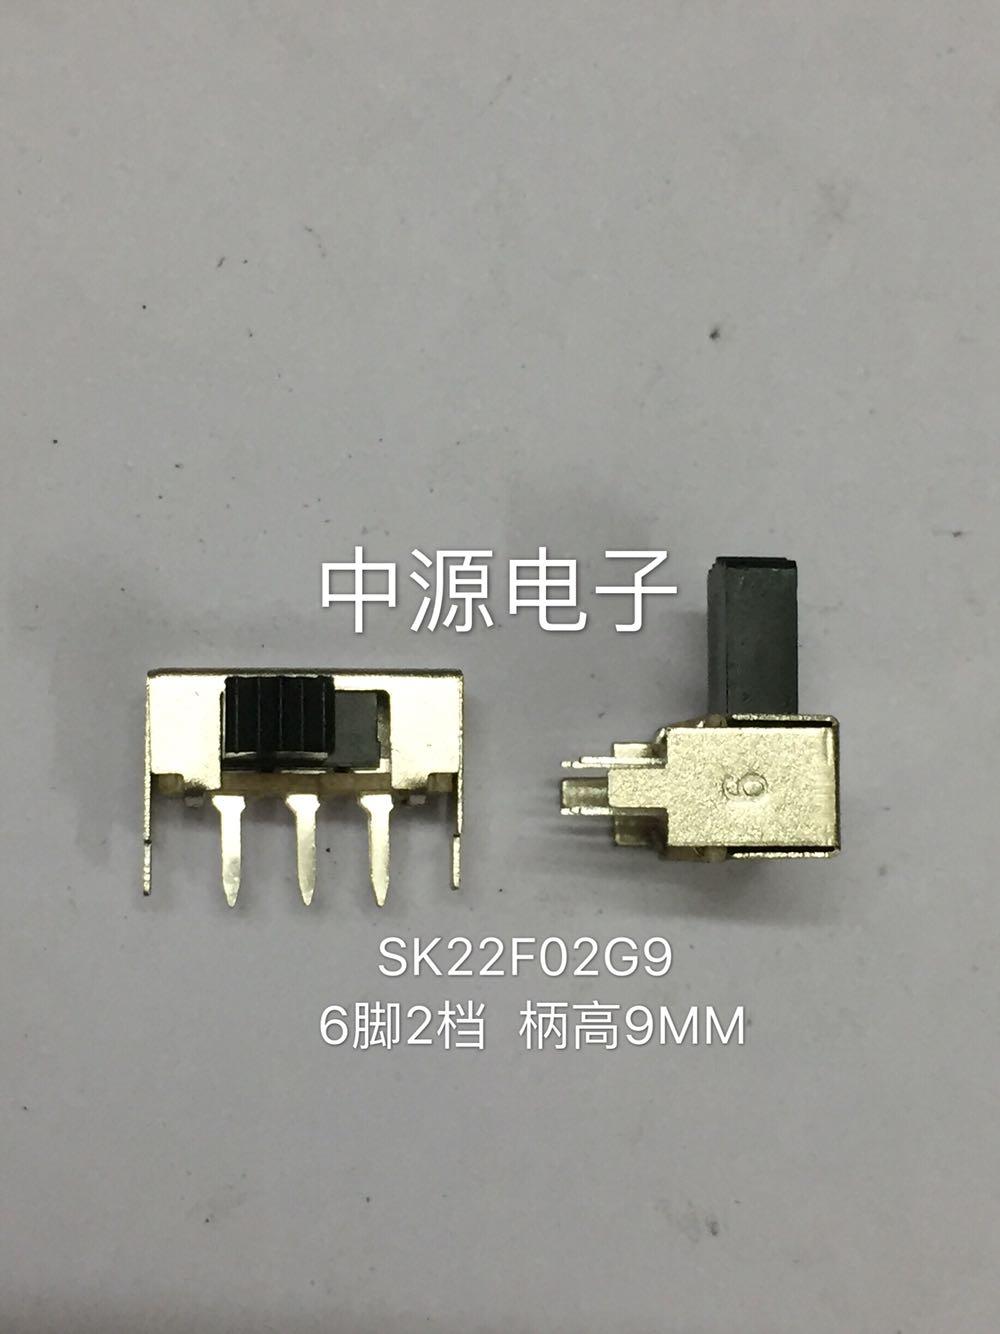 Оригинальный новый 100% тумблер, боковой скользящий переключатель, 2 ряда, 2 зубчатых передачи, 6 контактов, Сменный переключатель SK22F02G9, ручка 9...